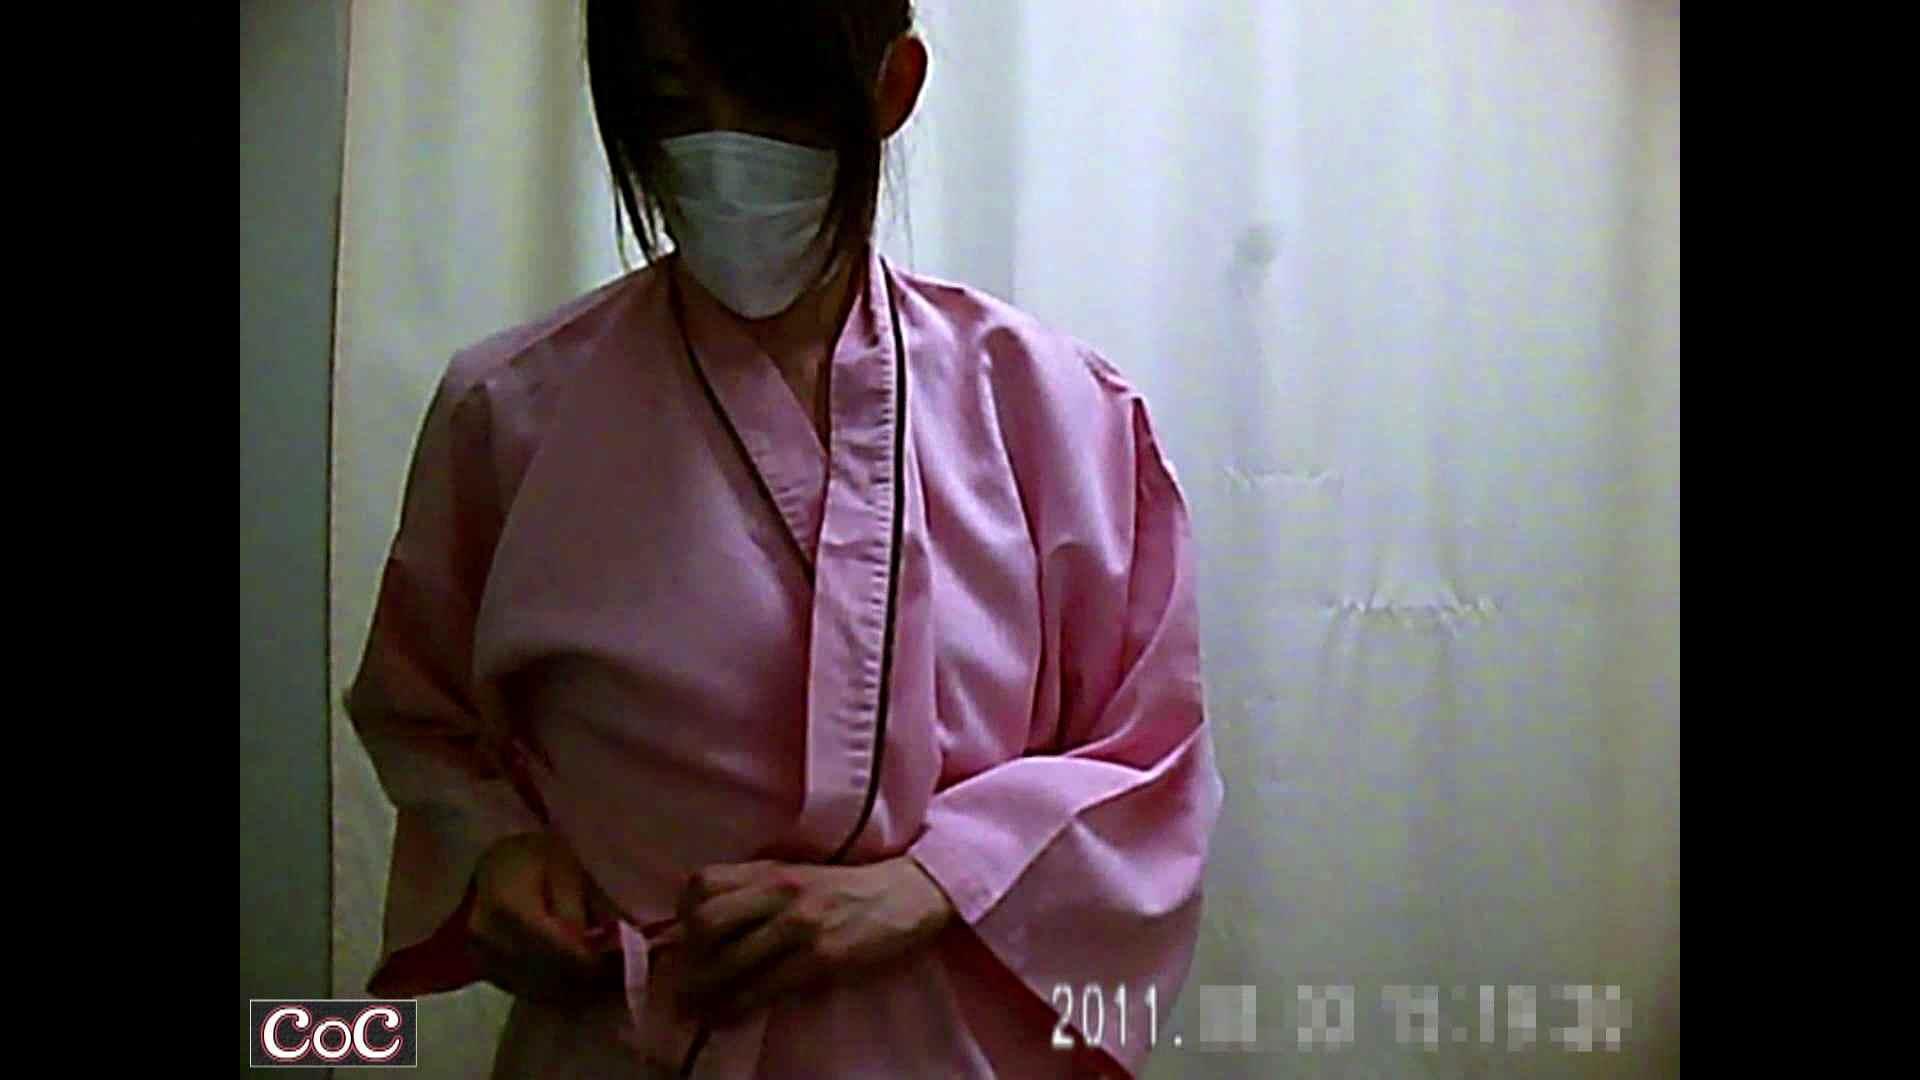 病院おもいっきり着替え! vol.09 盗撮 | 巨乳  89pic 8